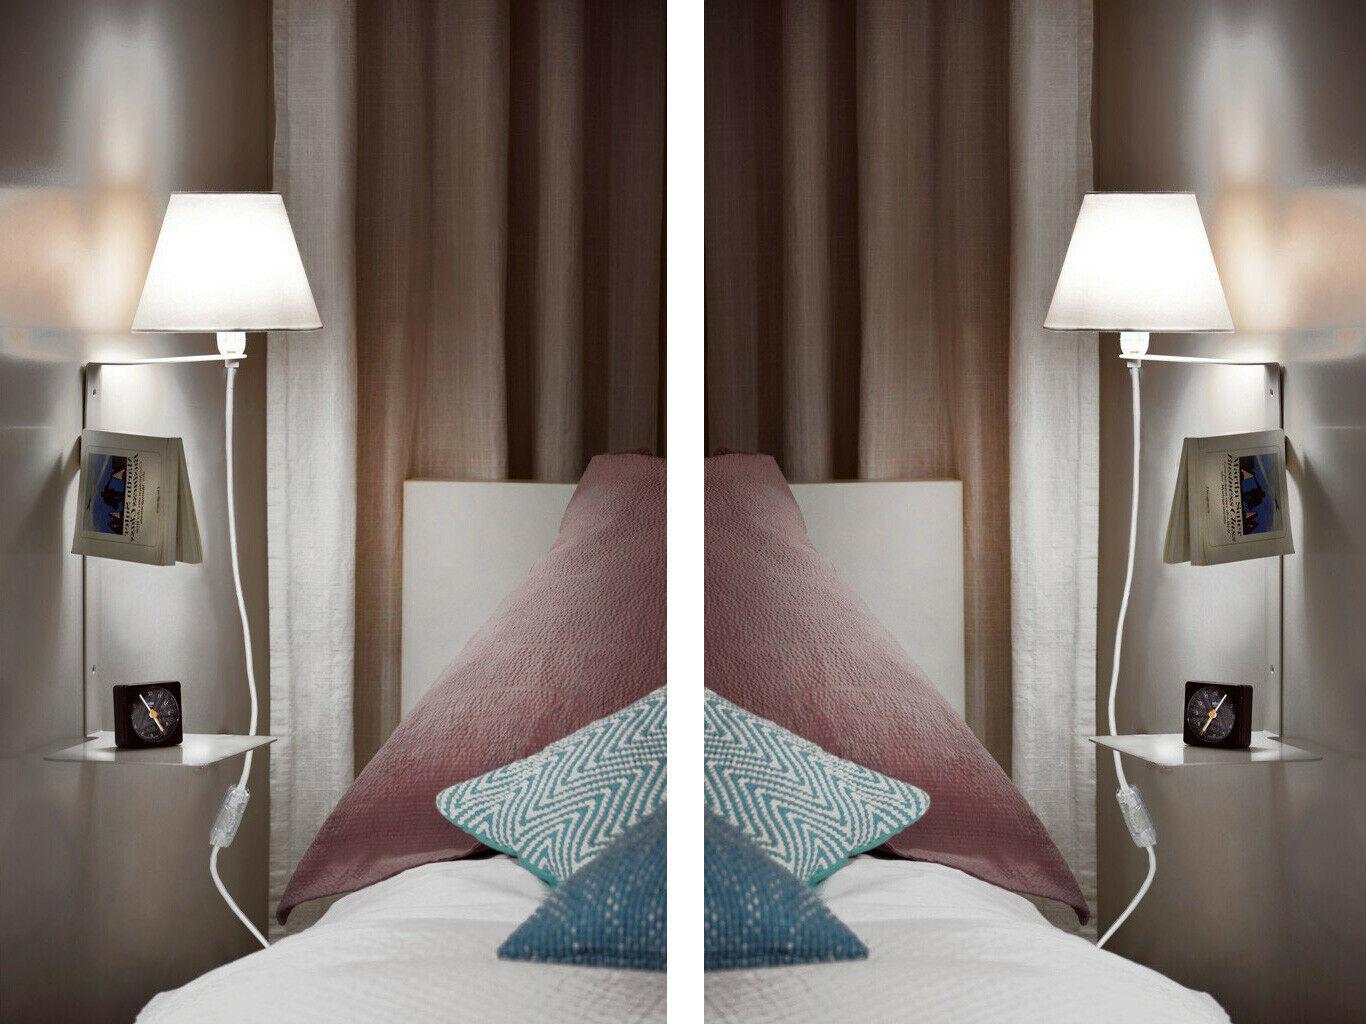 Full Size of Schlafzimmer Wandlampen Wandlampe Mit Ablage Schalter Nachttischlampe Komplett Poco Lampen Gardinen Romantische Klimagerät Für Komplettangebote Vorhänge Wohnzimmer Schlafzimmer Wandlampen